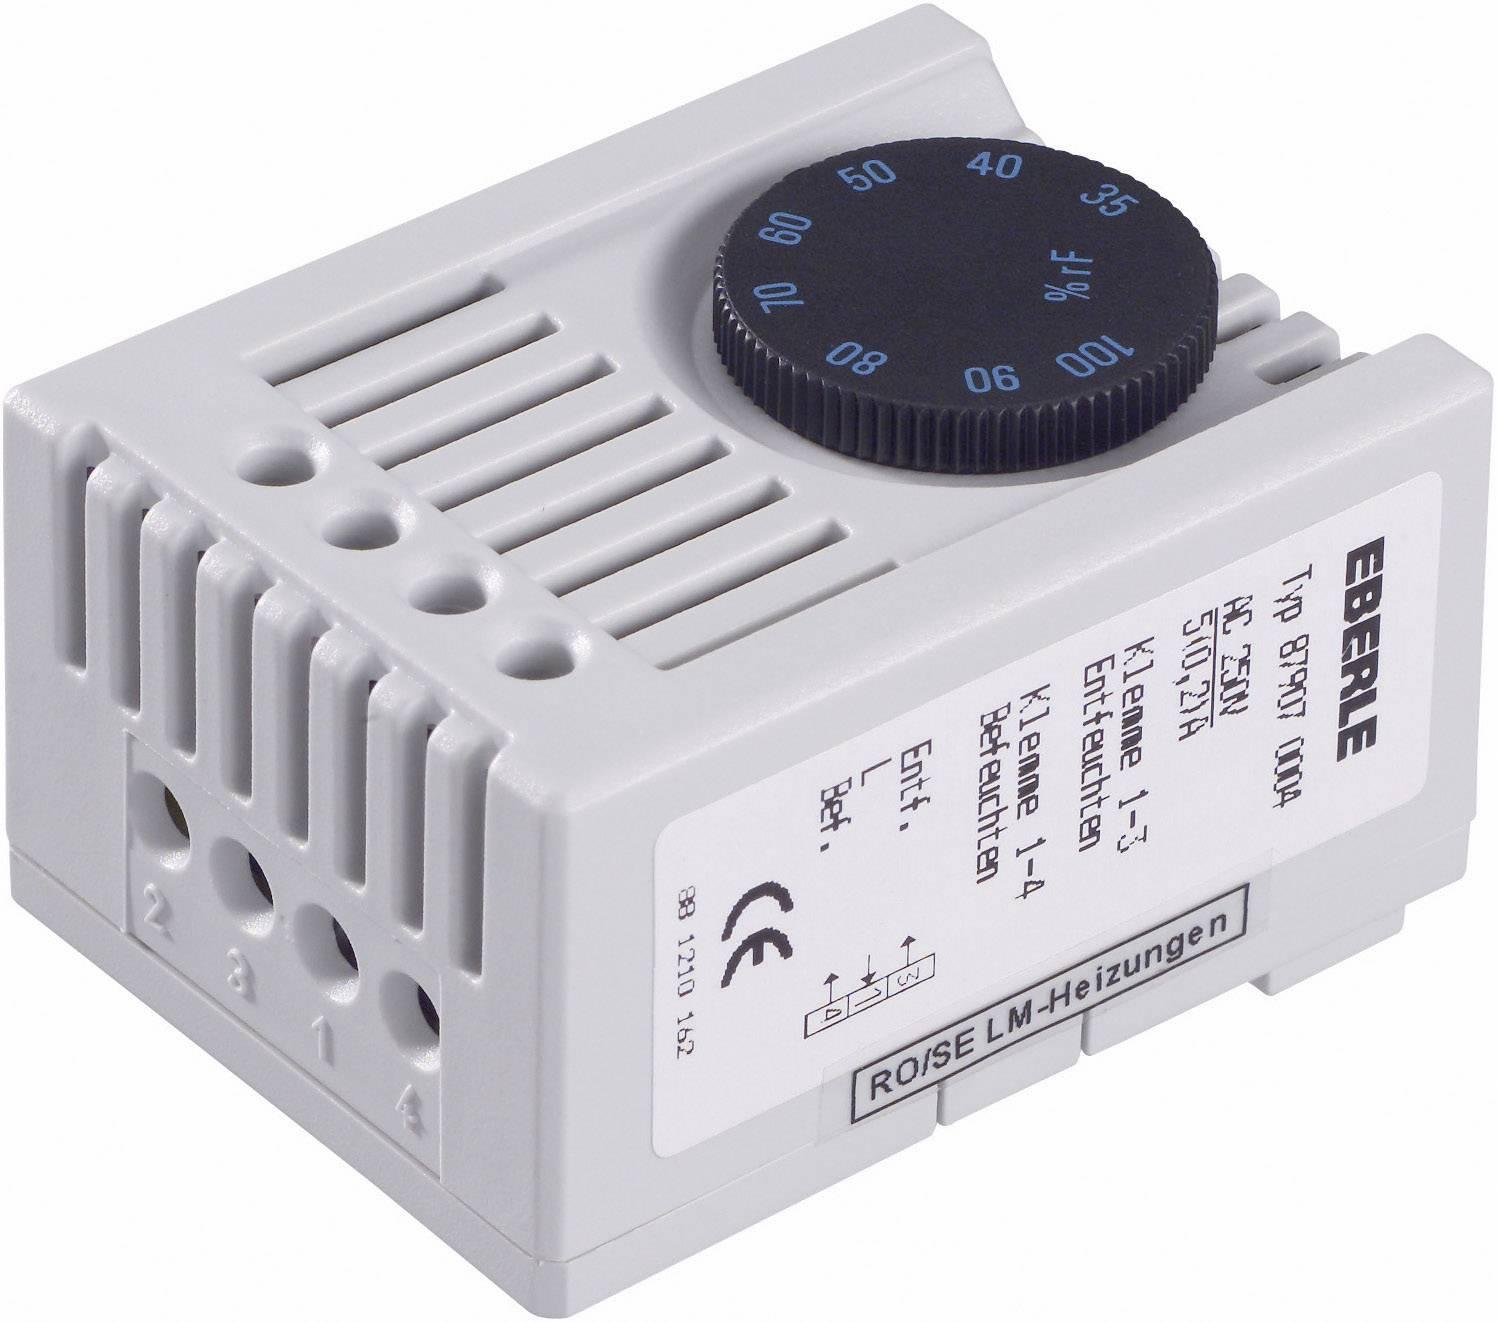 Hygrostat do skriňového rozvádzača Eberle SSHYG 87907 0004 000, 230 V/AC, 1 prepínací, (d x š x v) 46 x 34.5 x 67 mm